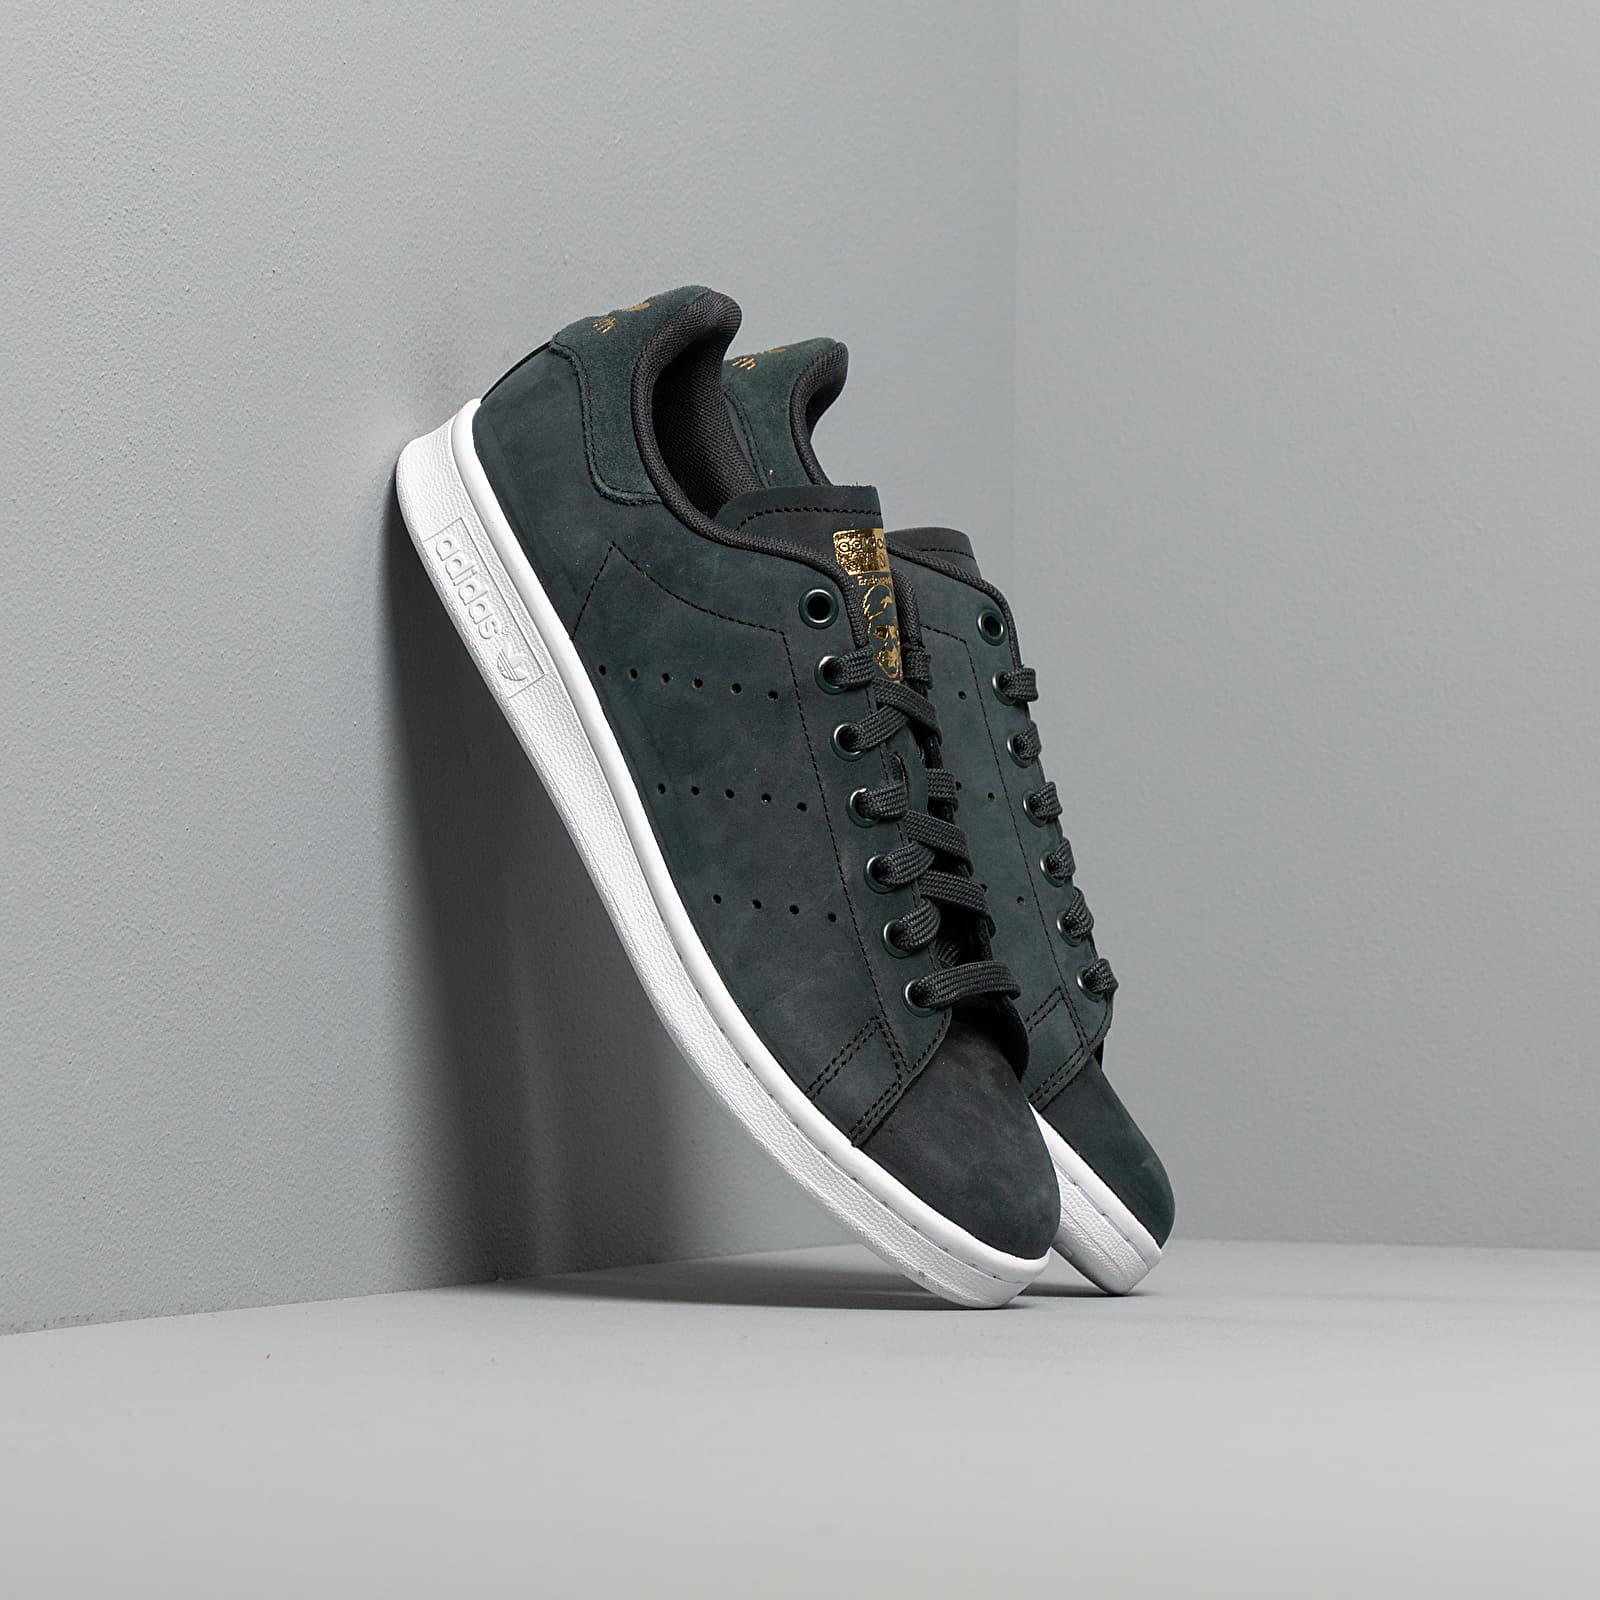 Frauen adidas Stan Smith W Core Black/ Ftw White/ Gold Metalic